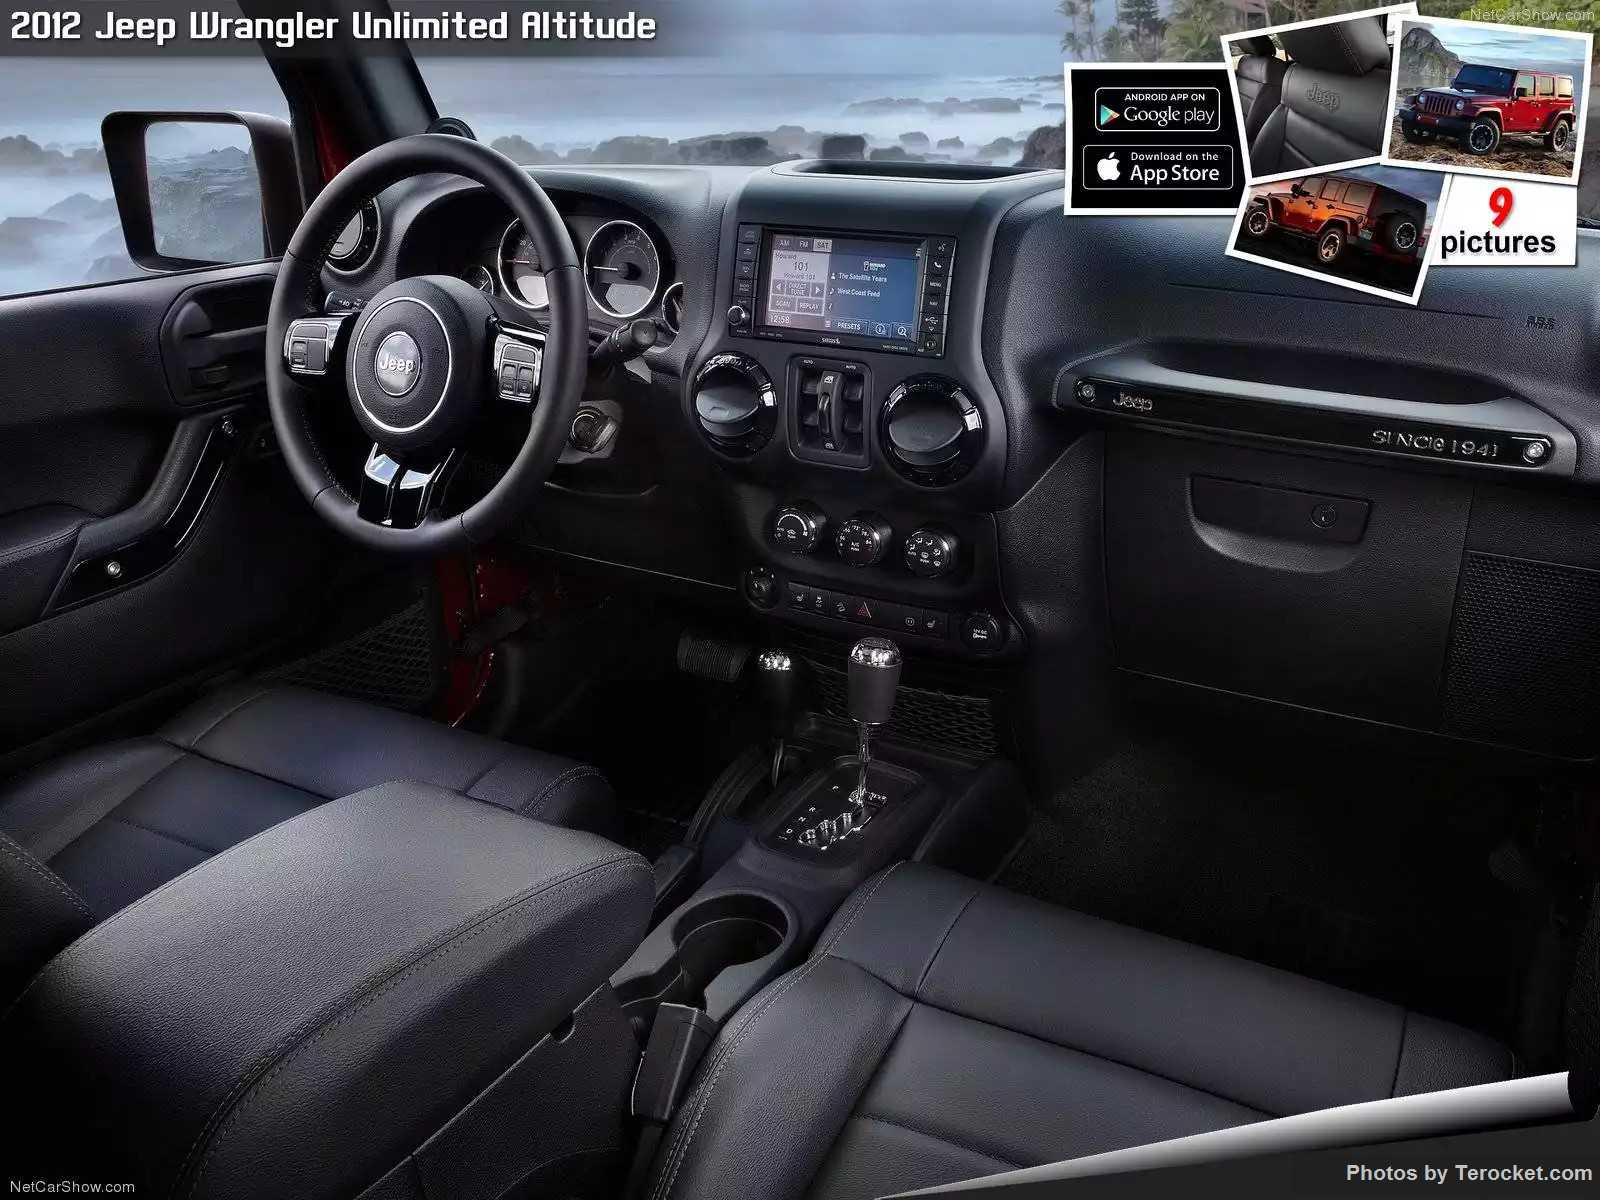 Hình ảnh xe ô tô Jeep Wrangler Unlimited Altitude 2012 & nội ngoại thất